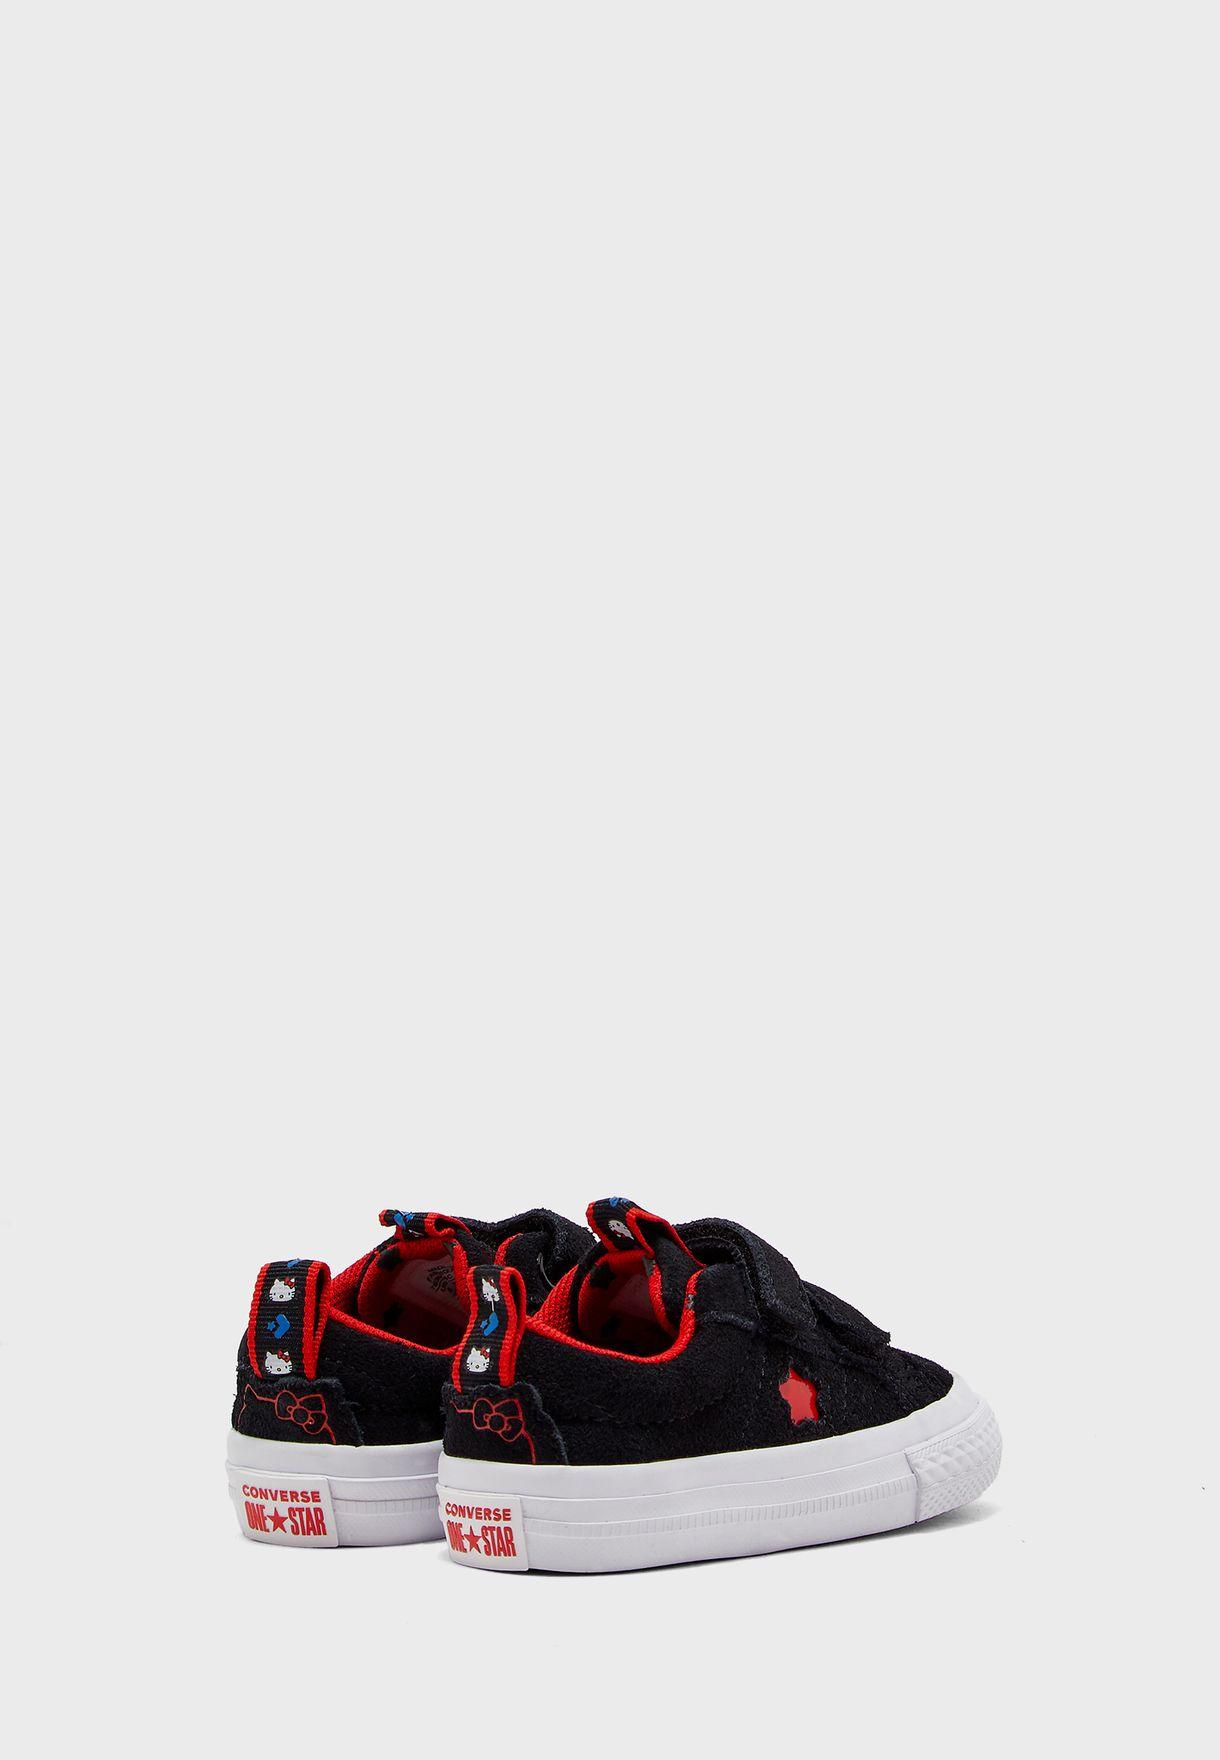 حذاء هالو كيتي ون ستار 2 في او اكس